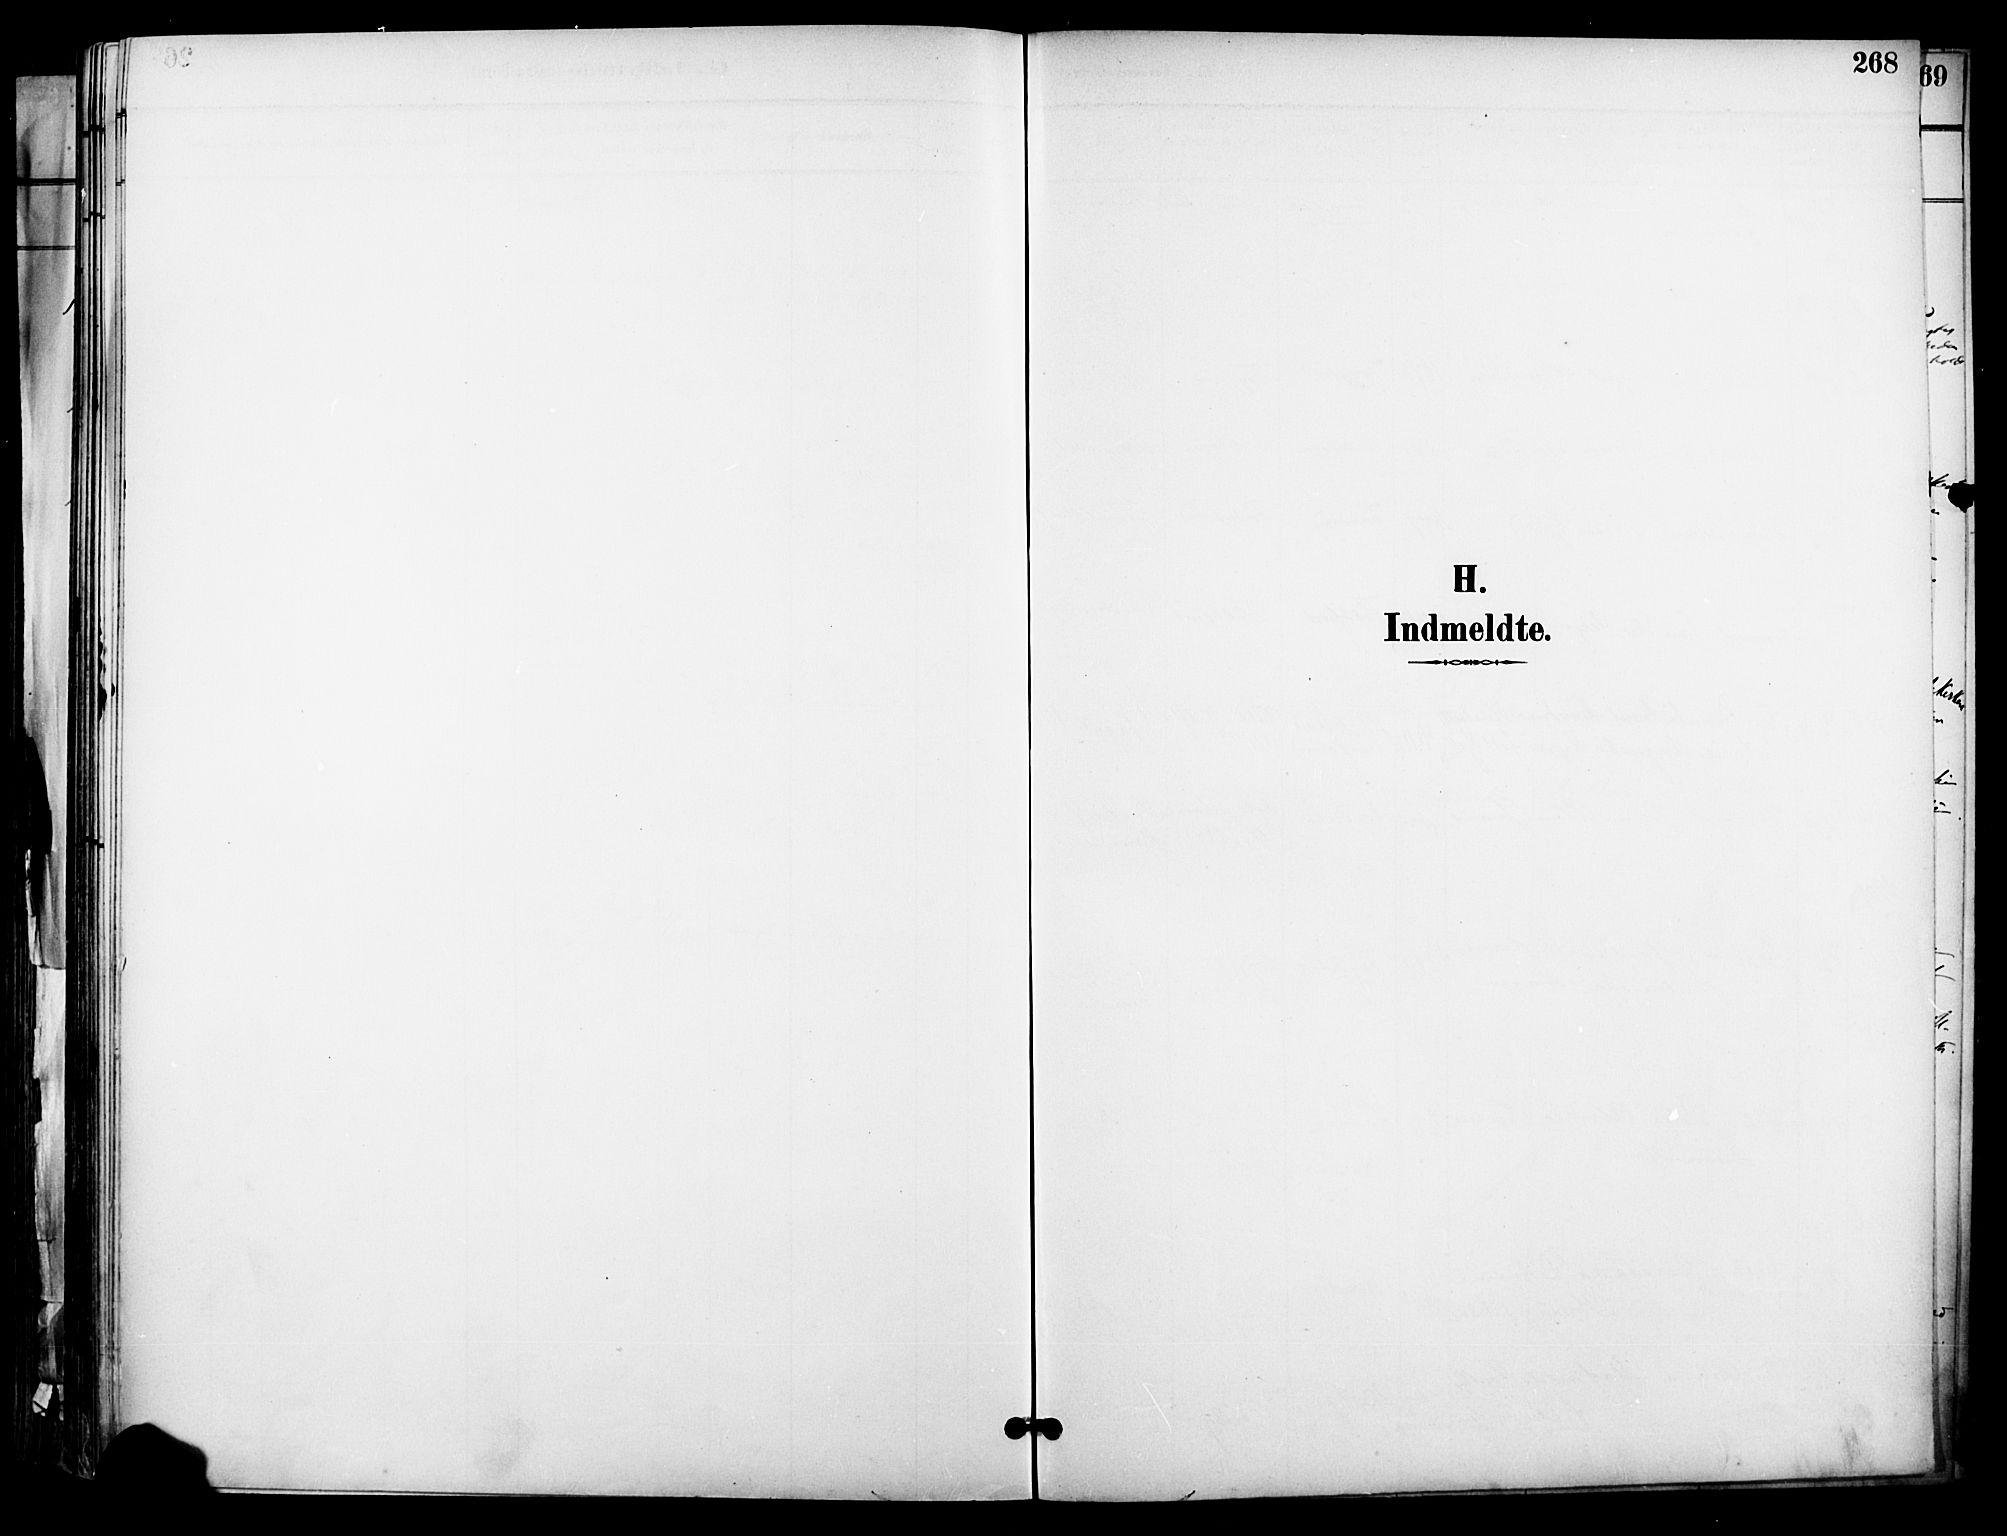 SAO, Garnisonsmenigheten Kirkebøker, F/Fa/L0013: Parish register (official) no. 13, 1894-1904, p. 268